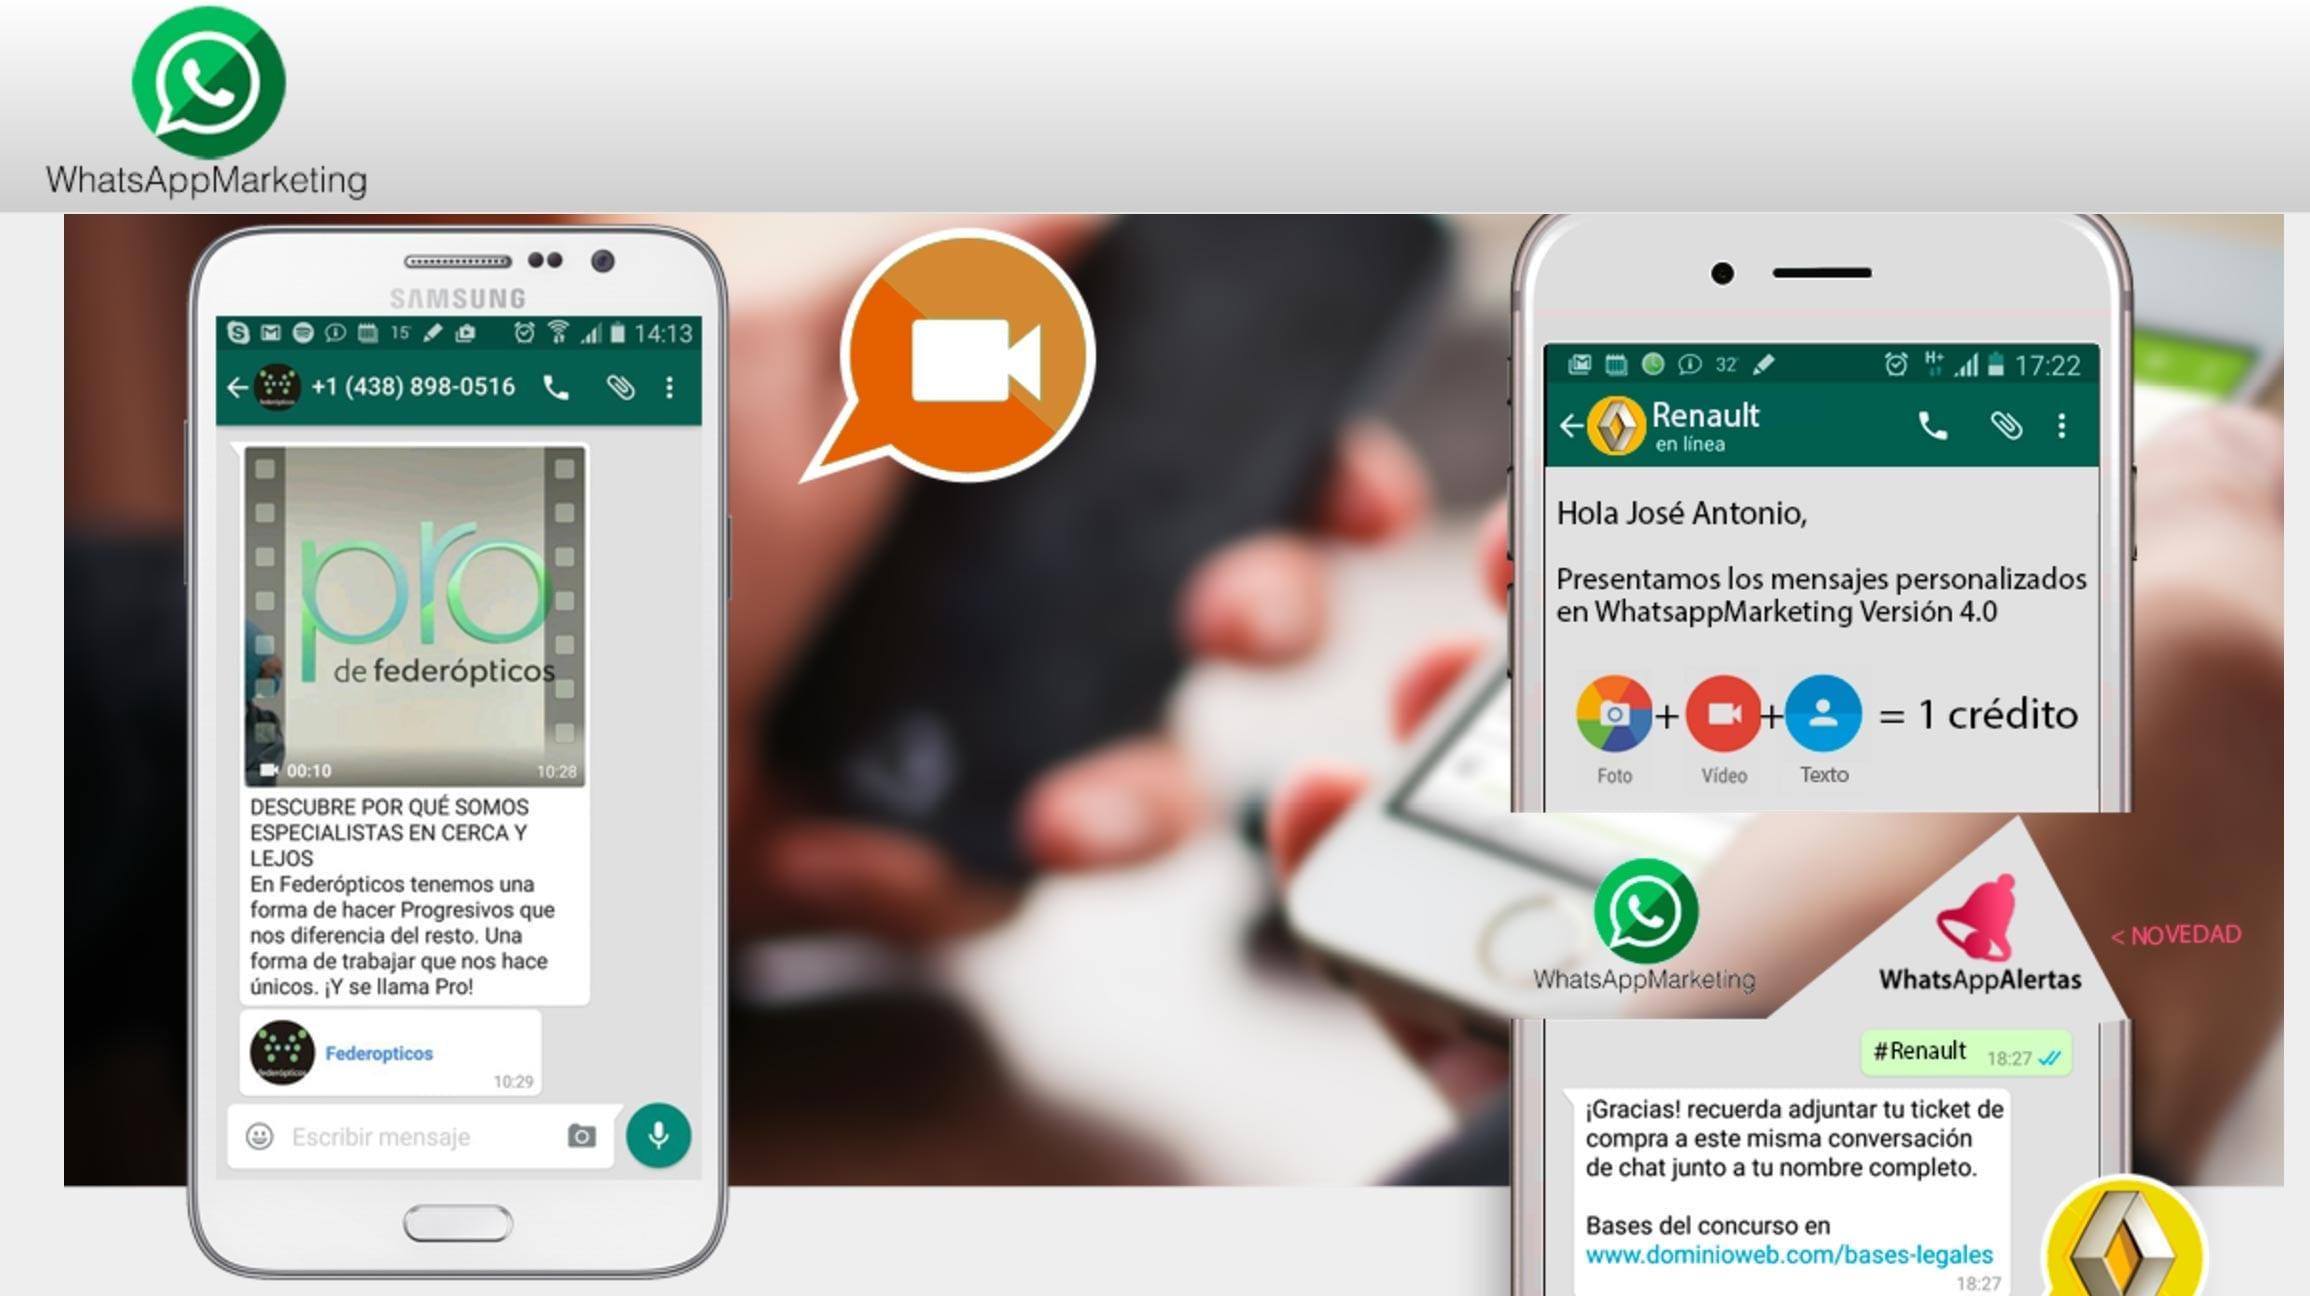 Nos Mande Un Whatsapp Para Quedar Ahora Tenemos Sitio Ni Cobramos 8236